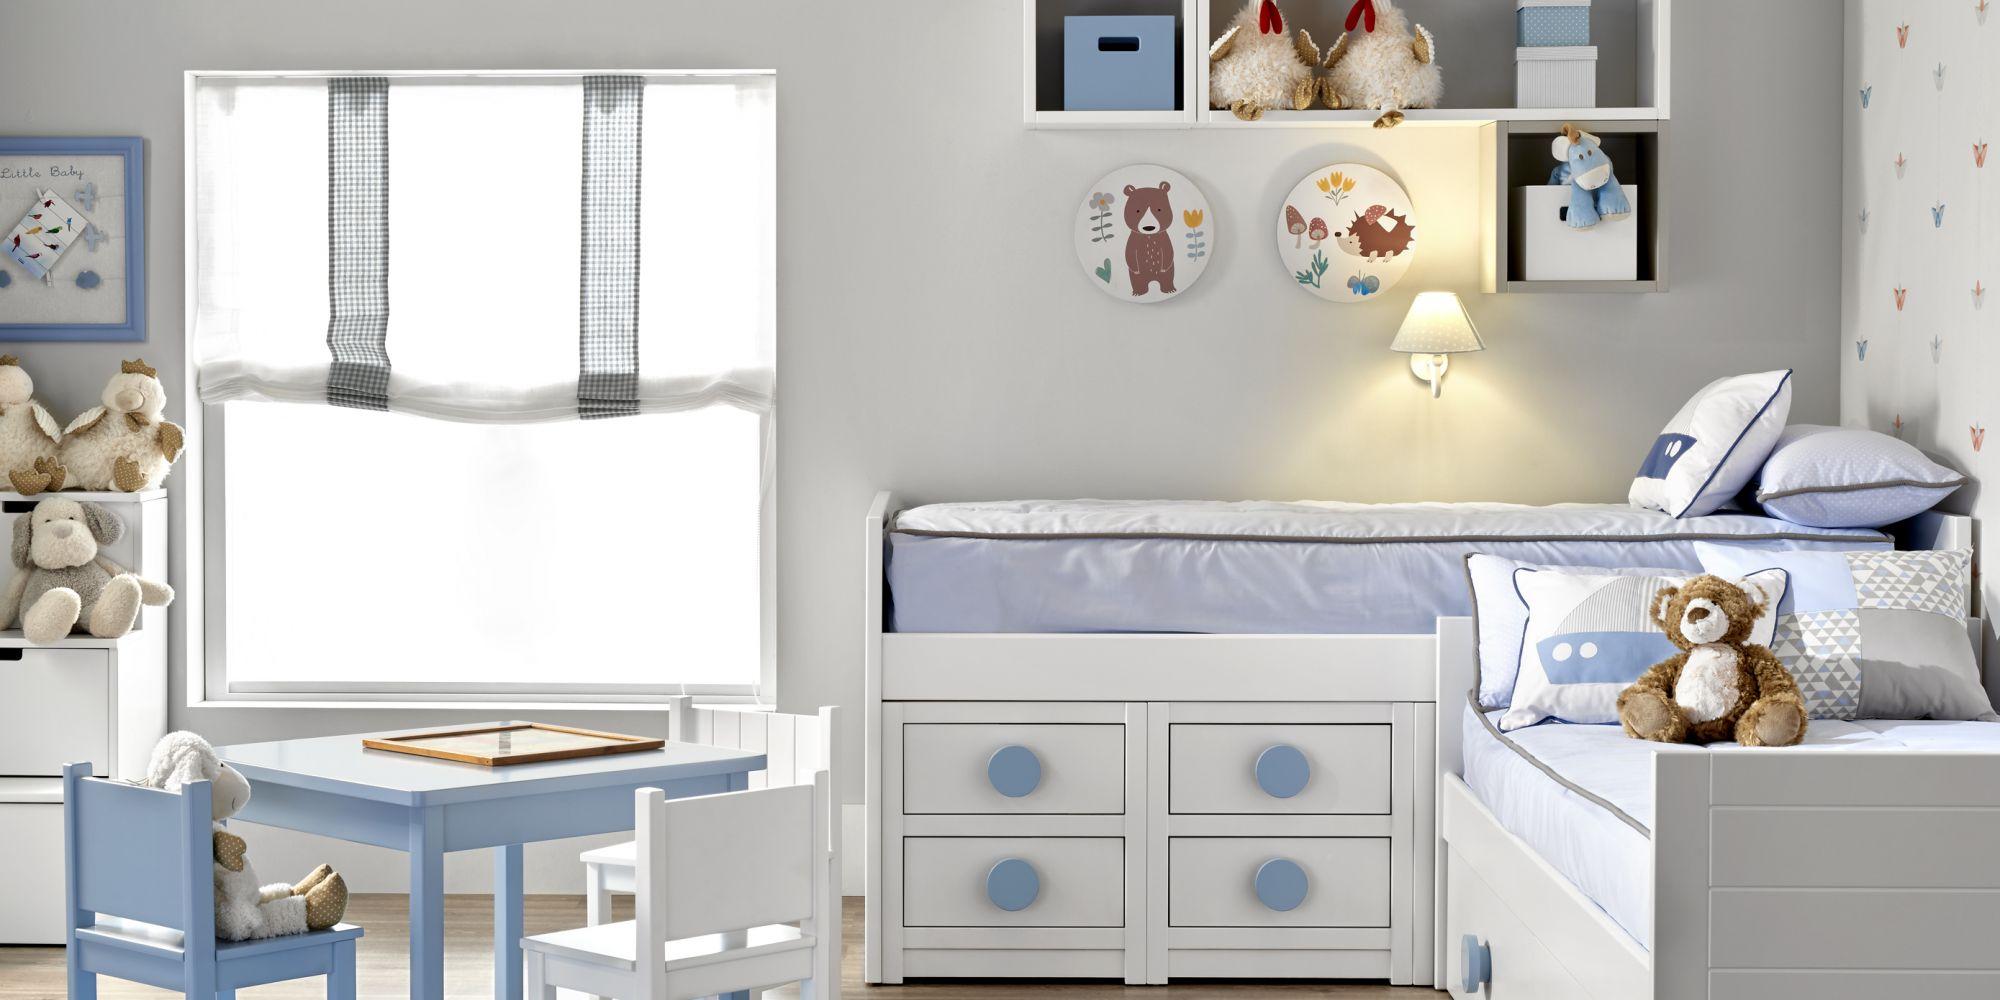 Atractivo muebles de reyes cama ornamento muebles de dise o moderno - Garabatos muebles ...